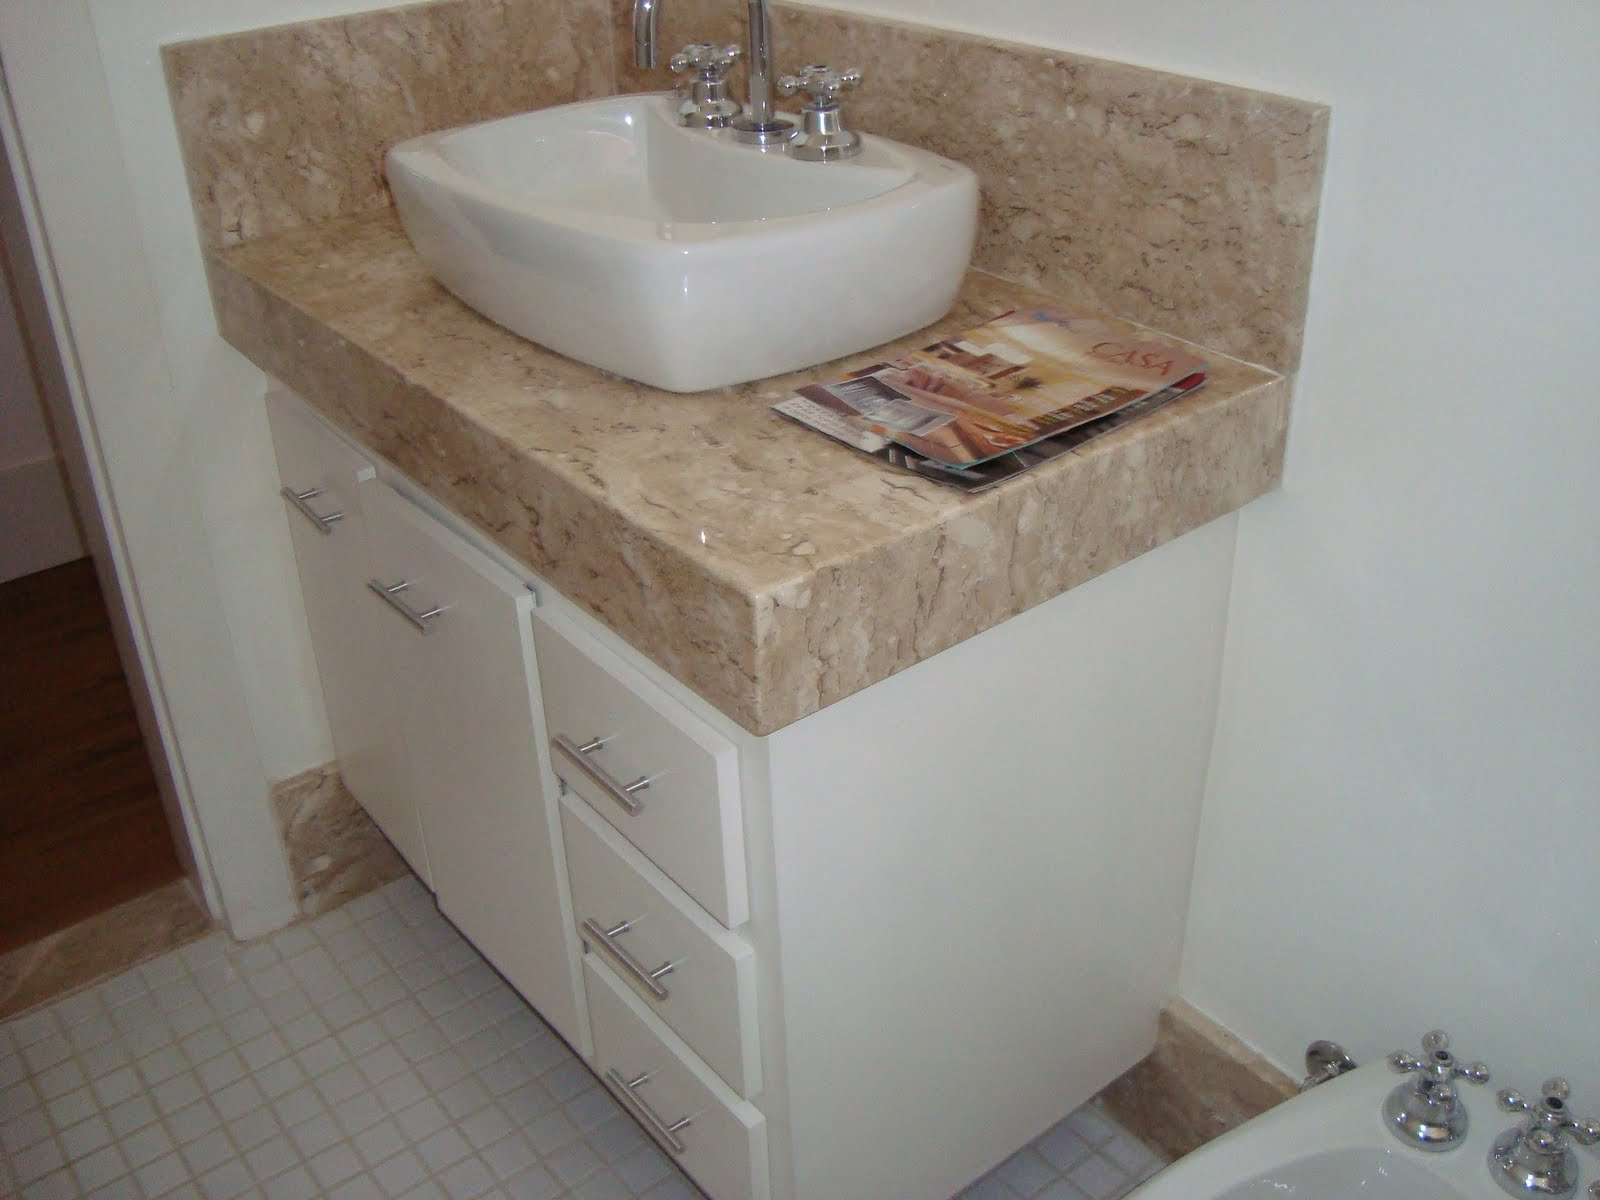 Bancada de banheiro em mármore travertino com acabamento 45° de 0  #3B2820 1600x1200 Bancada De Banheiro Em Marmore